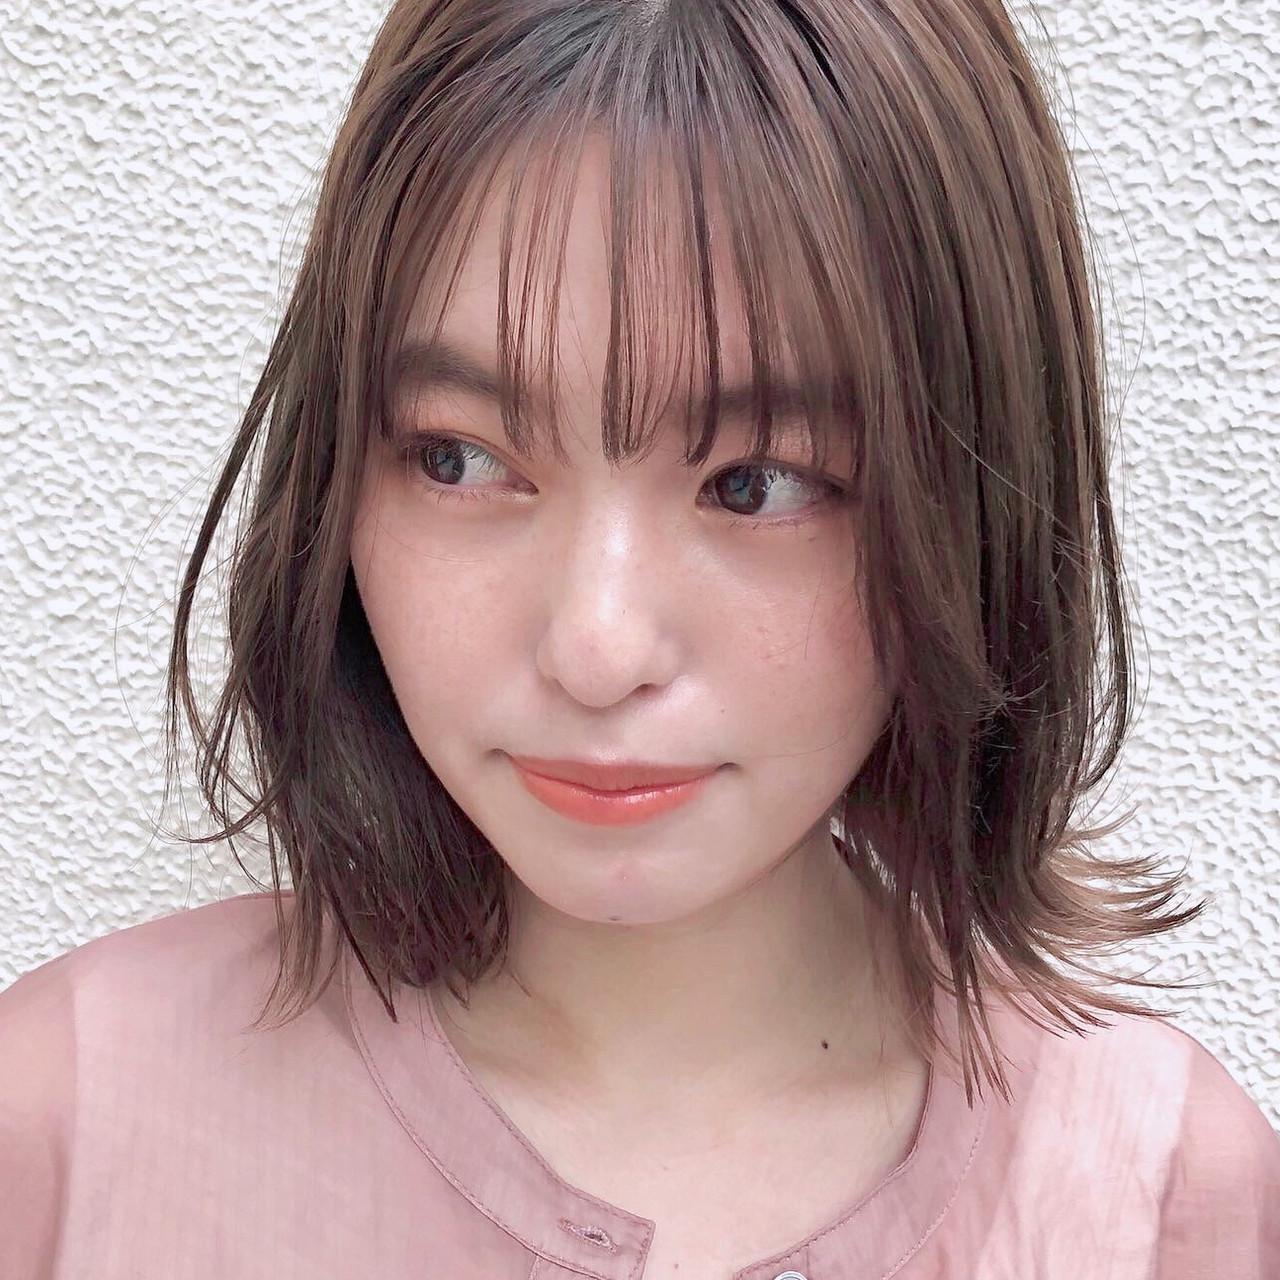 デジタルパーマ デート モテ髪 ナチュラル ヘアスタイルや髪型の写真・画像